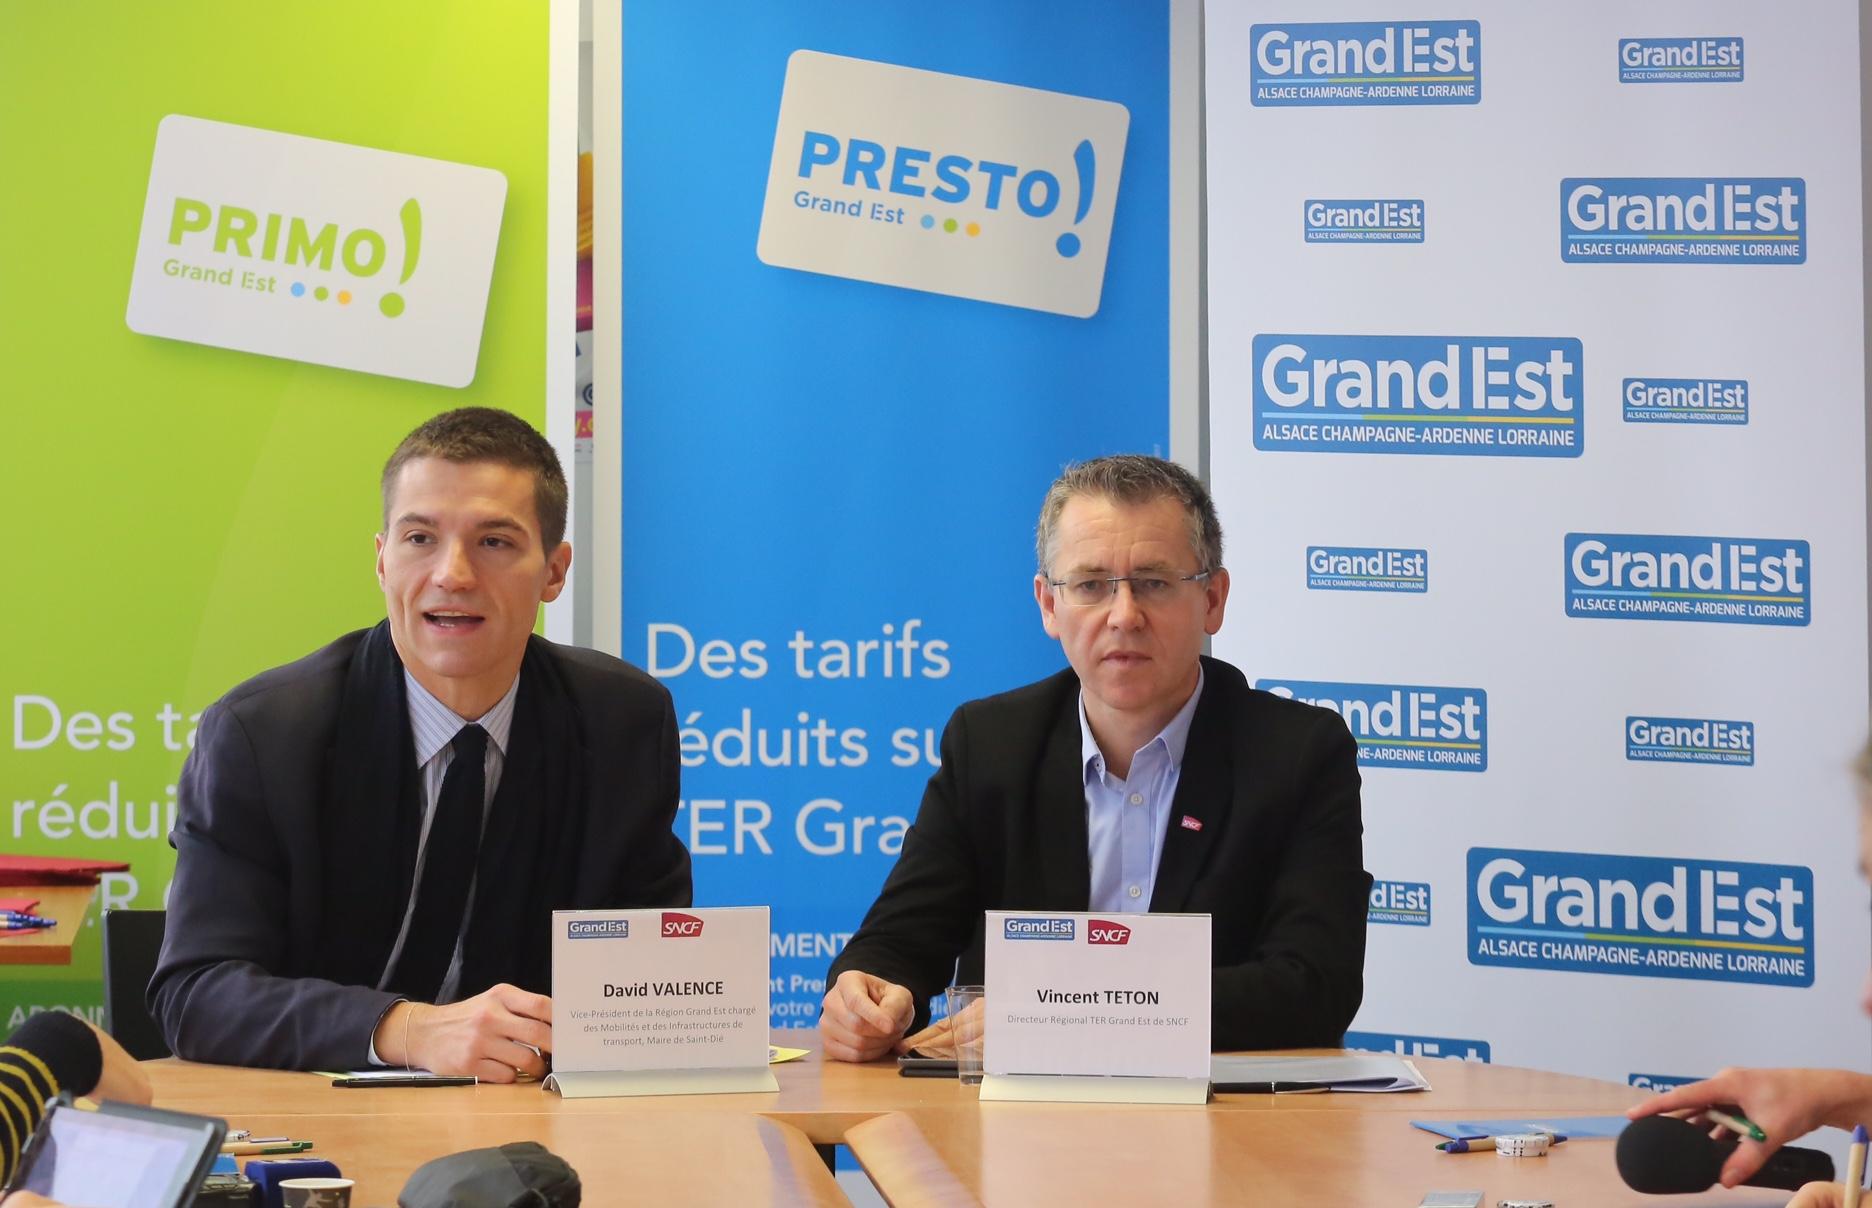 David Valence, Vice-président de la Région Grand Est en charge des Mobilités et des Infrastructures de transport, accompagné de Vincent Téton, Directeur régional TER Grand Est de SNCF.